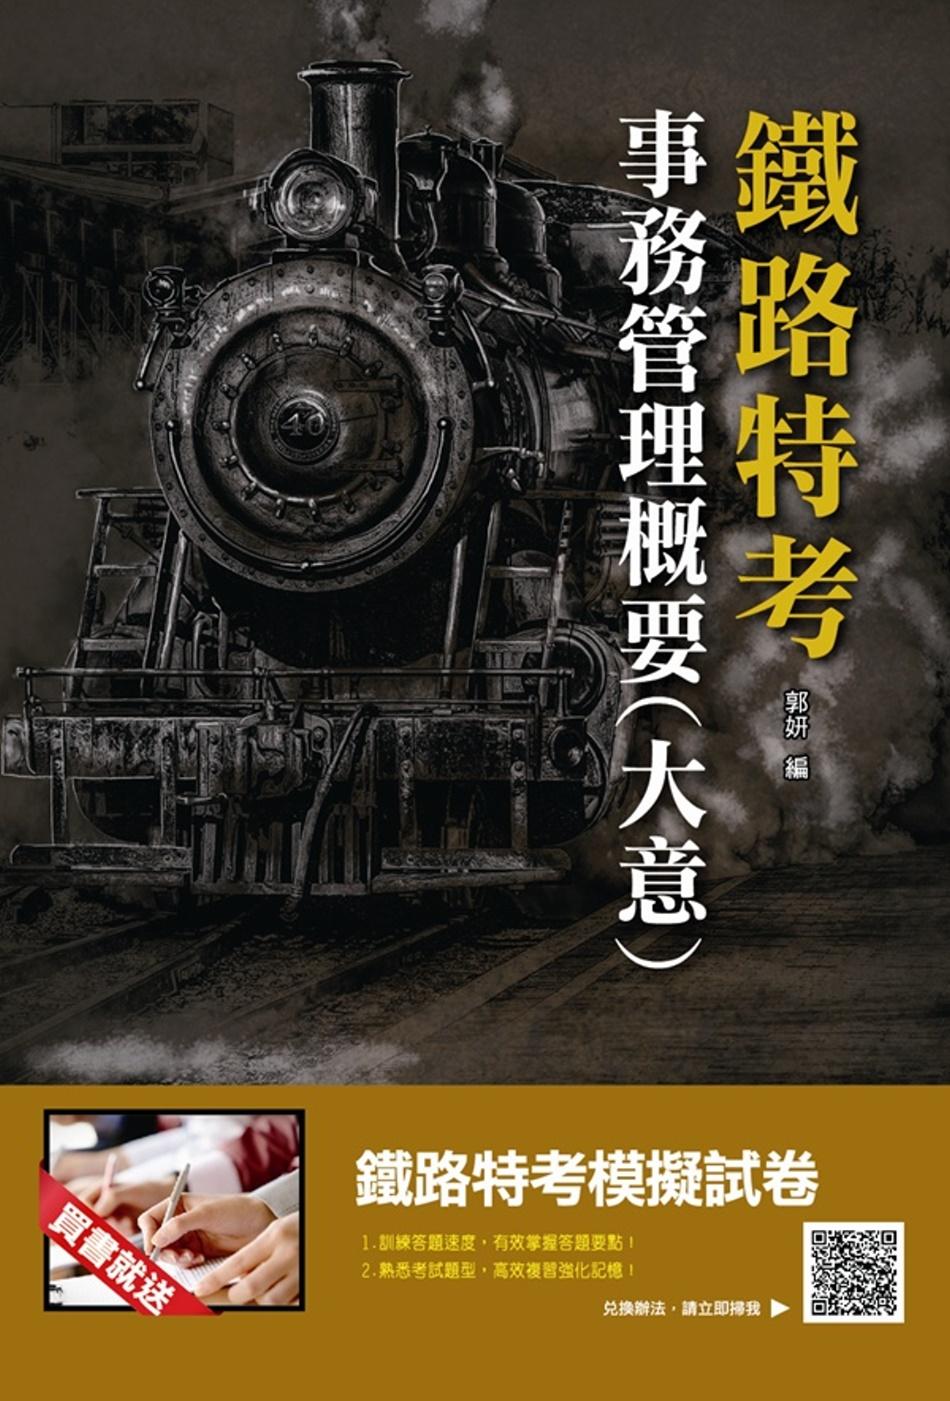 【107年最新版】事務管理概要(大意)(超高命中率,考生強烈推薦)(鐵路特考適用):(贈鐵路特考模擬試卷)(十版)